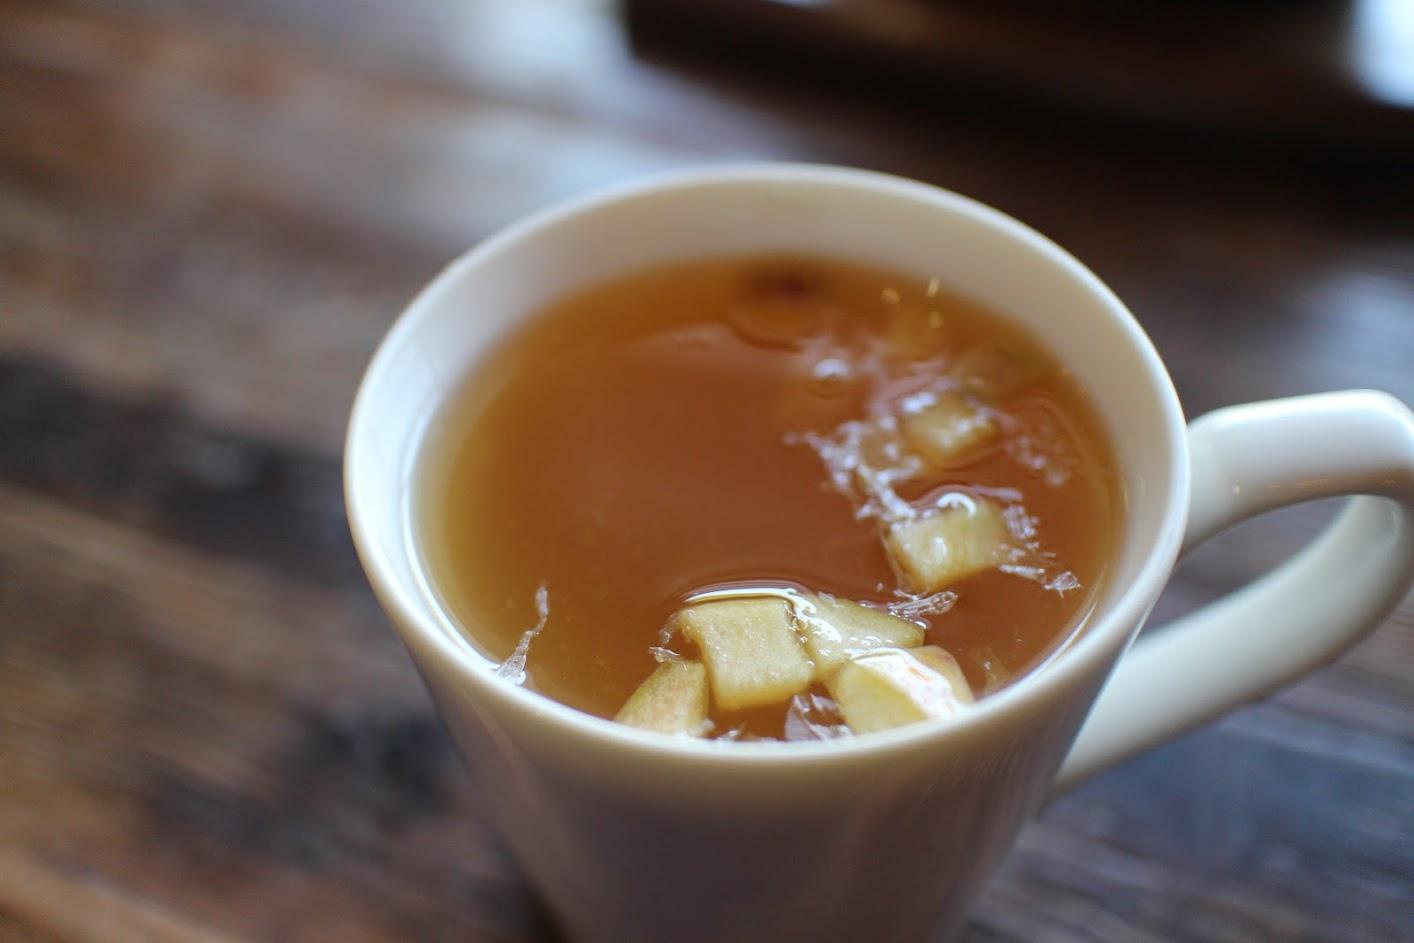 中壢聚餐好地方-特調蜂蜜鮮果茶